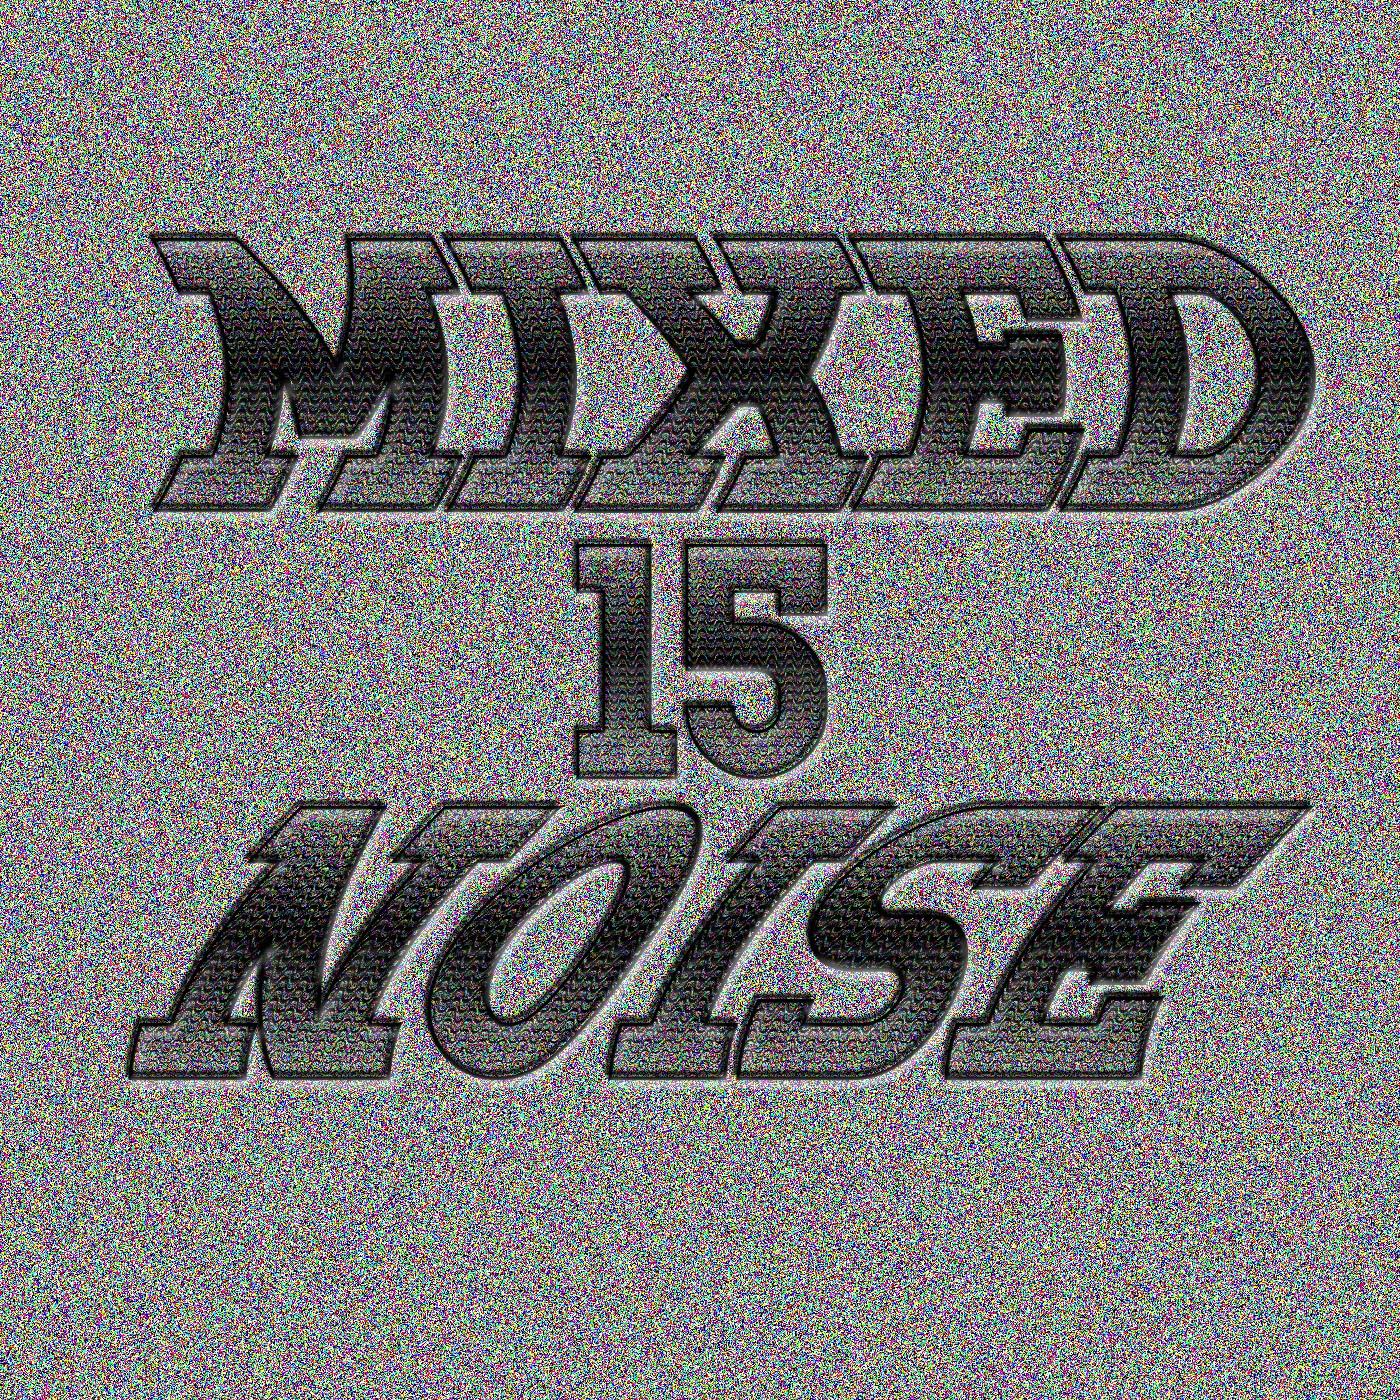 mixednoiselogo15